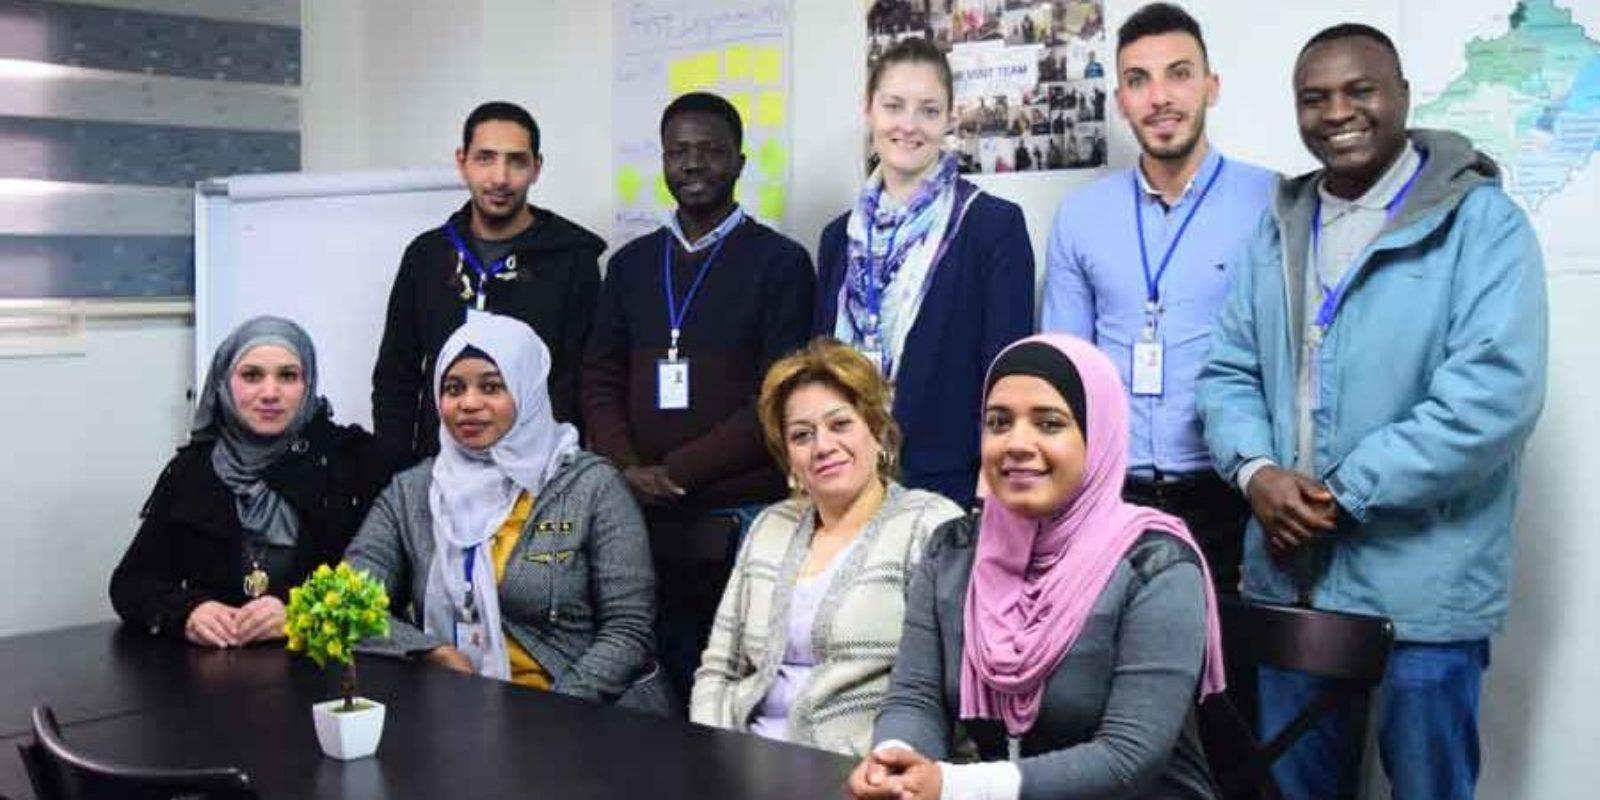 Elizabeth with her team in the JRS office in Amman, Jordan.